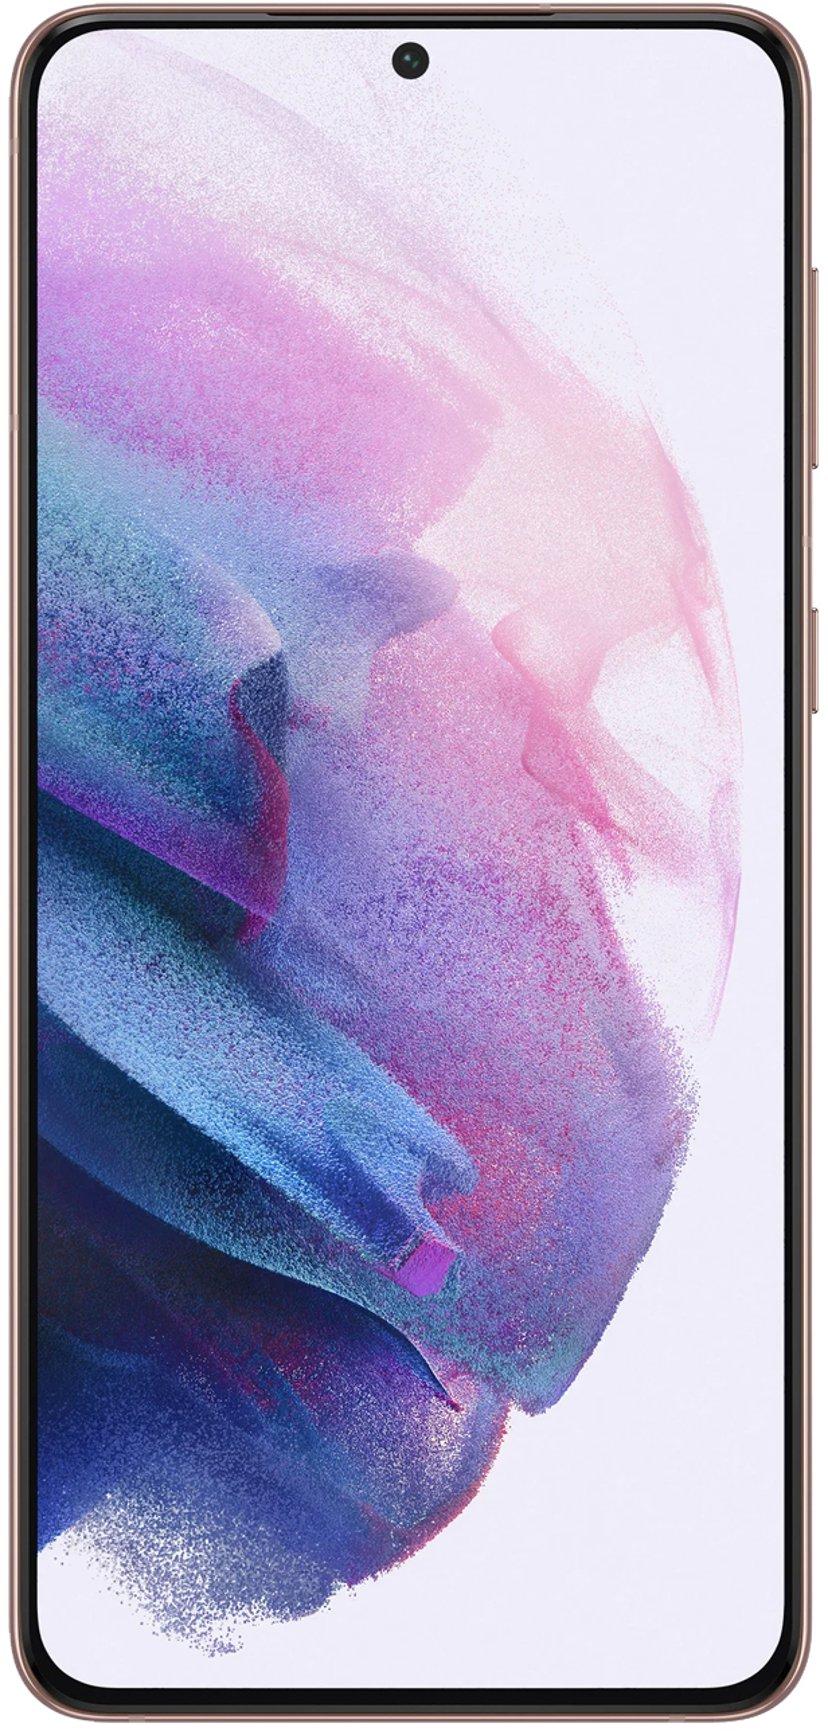 Samsung Galaxy S21+ 5G 128GB Dual-SIM Fantomviolett